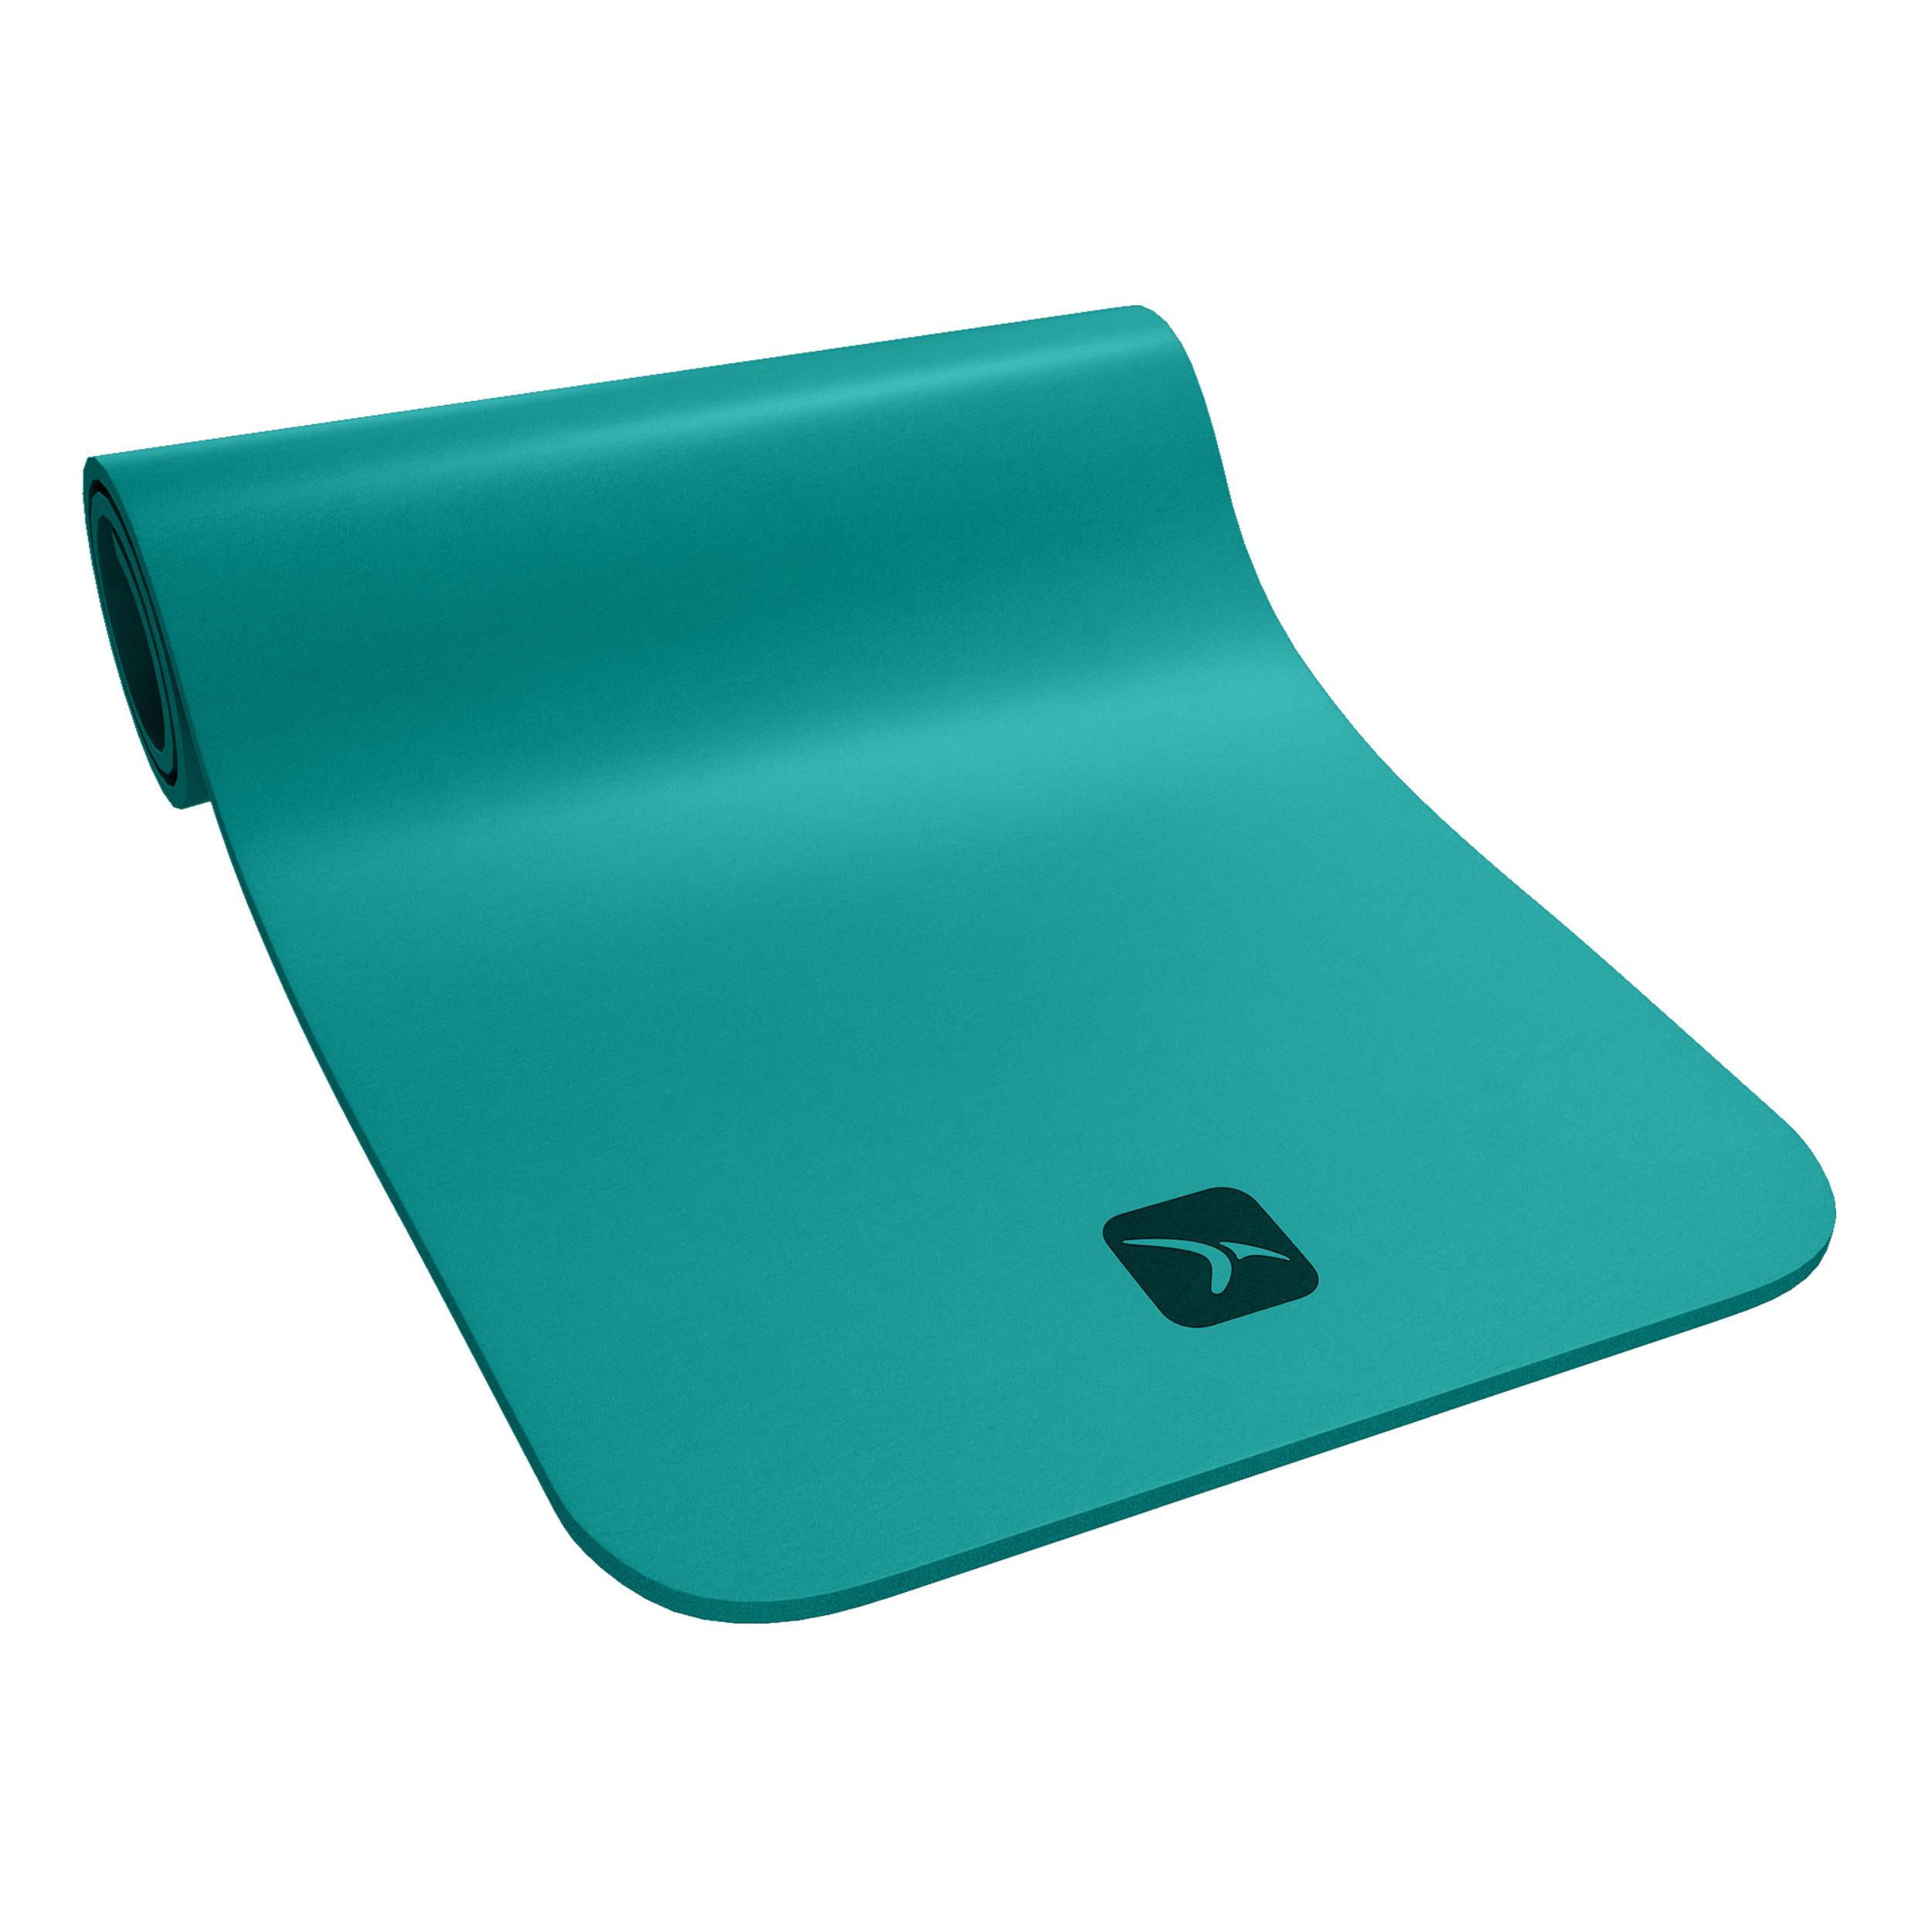 Comfort Pilates Mat - Green